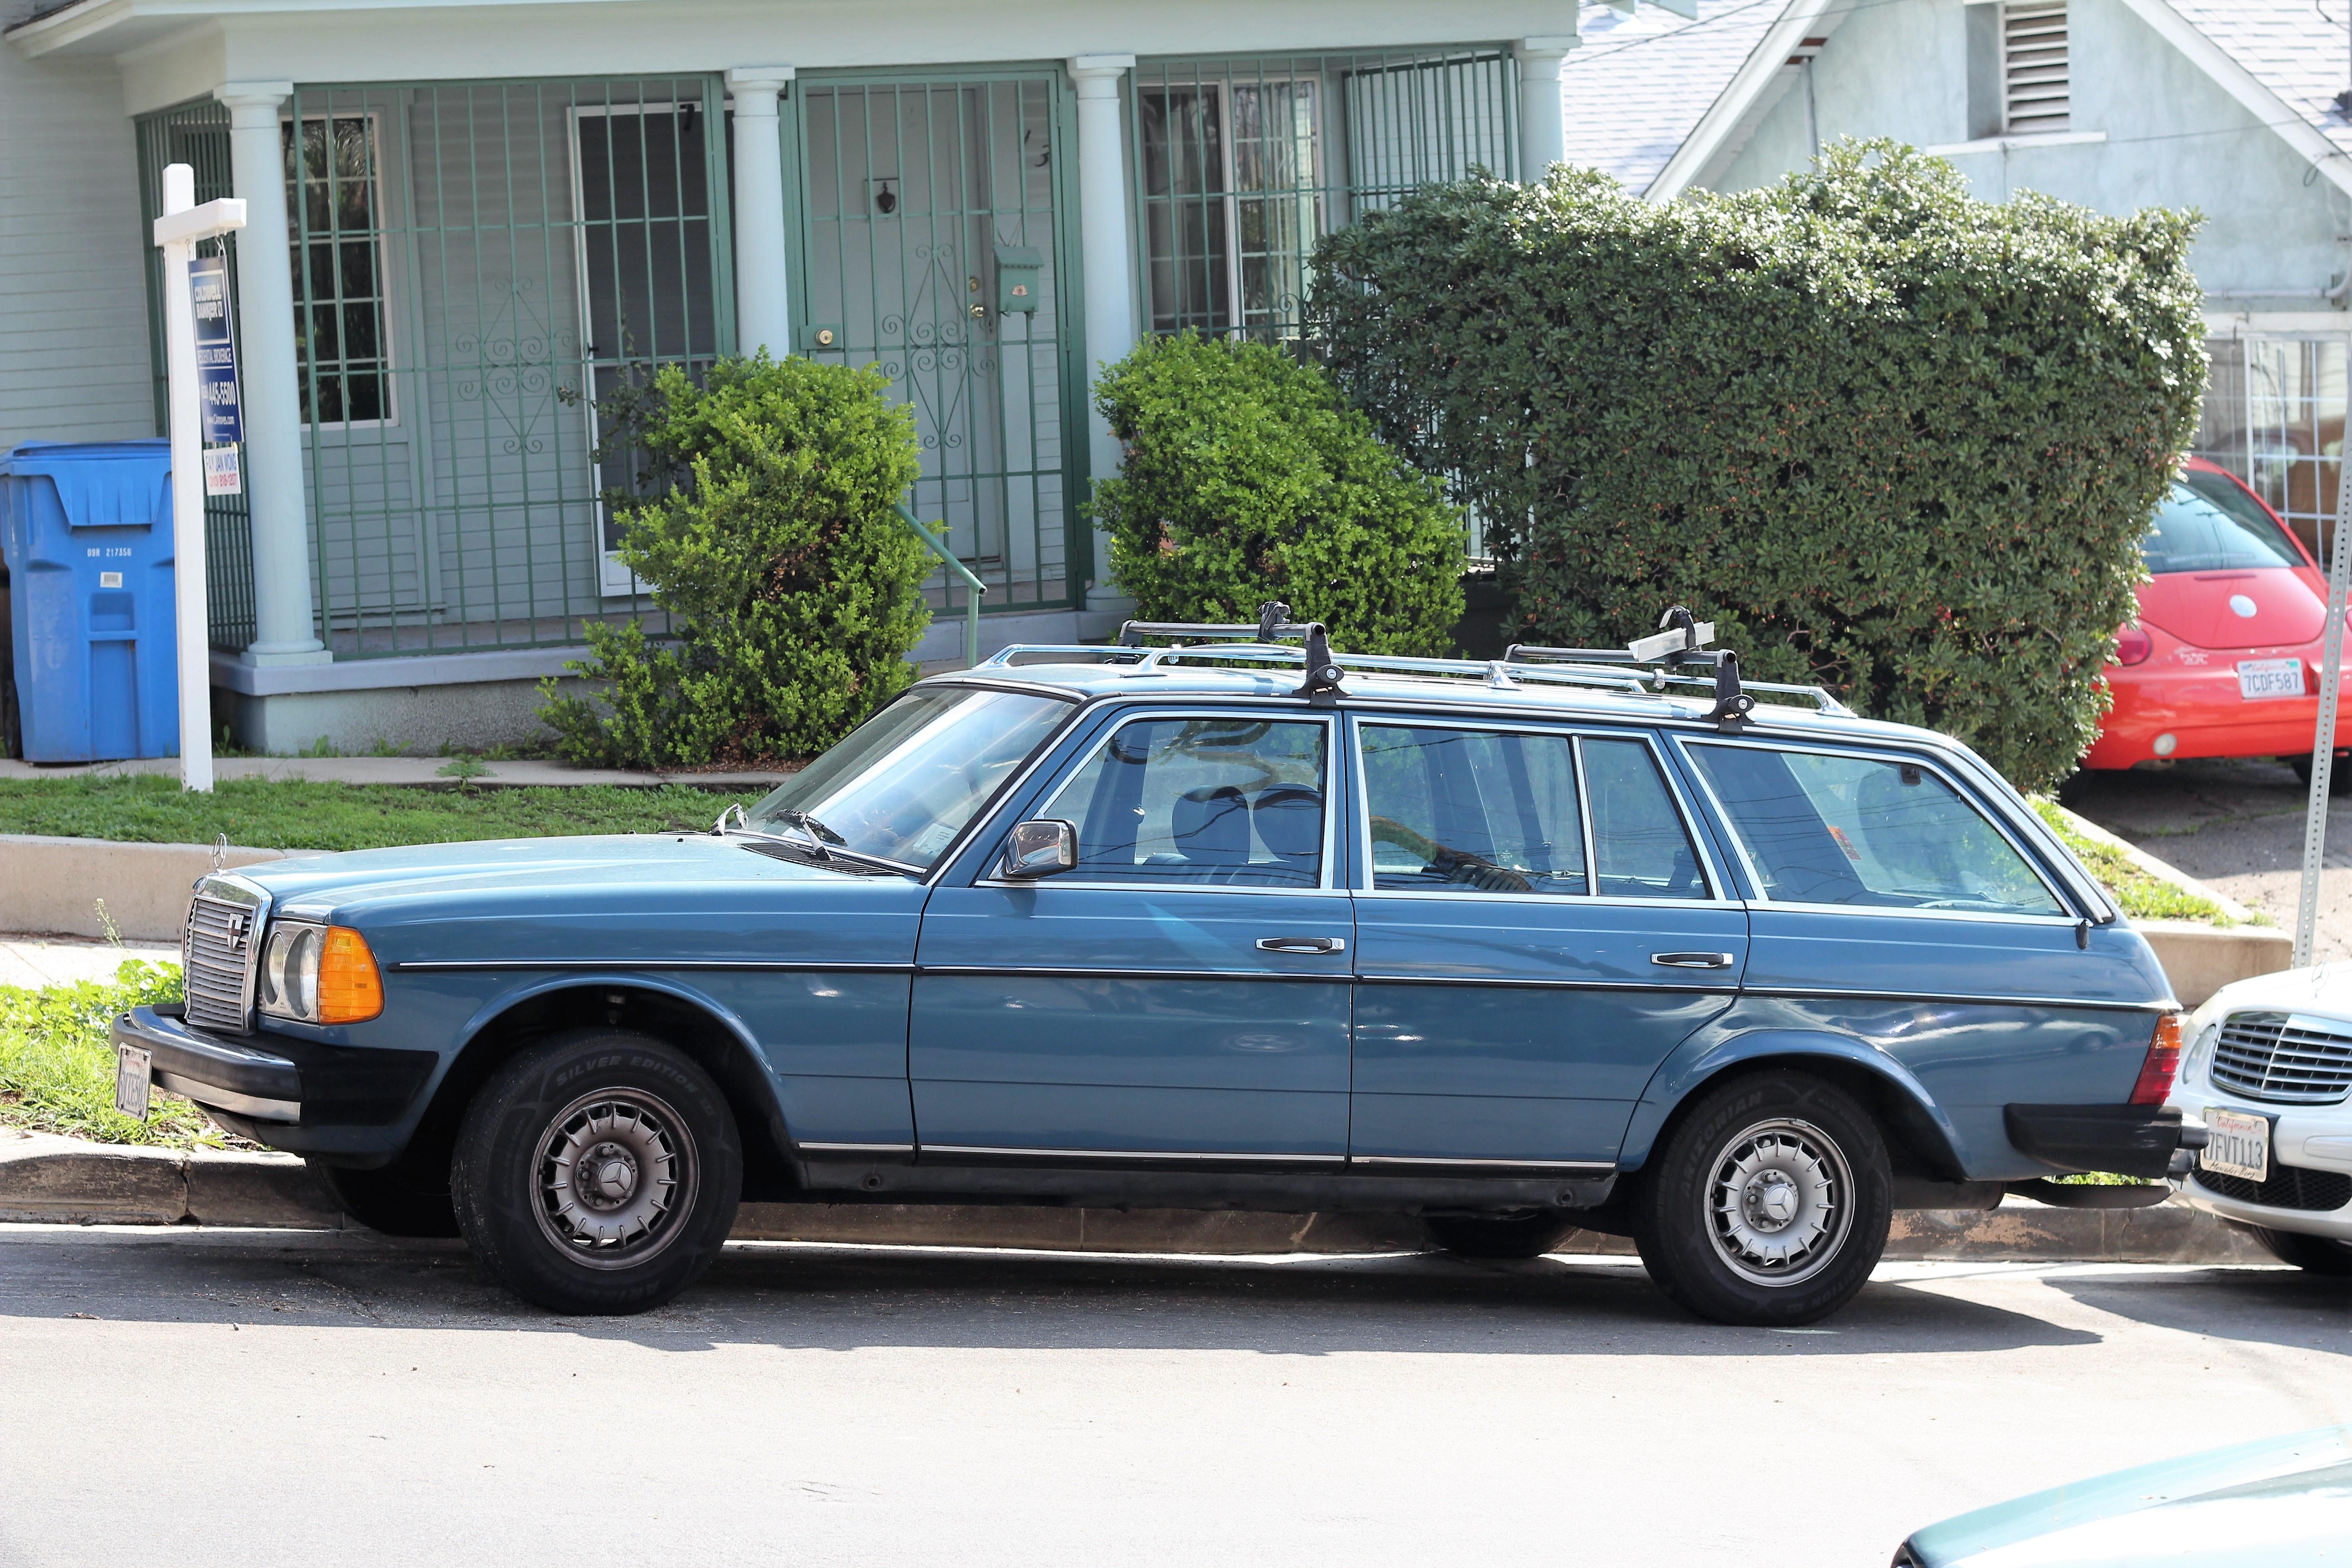 26th 1983 mercedes 300td wagon w123 3 la car spotting for 1983 mercedes benz 300td